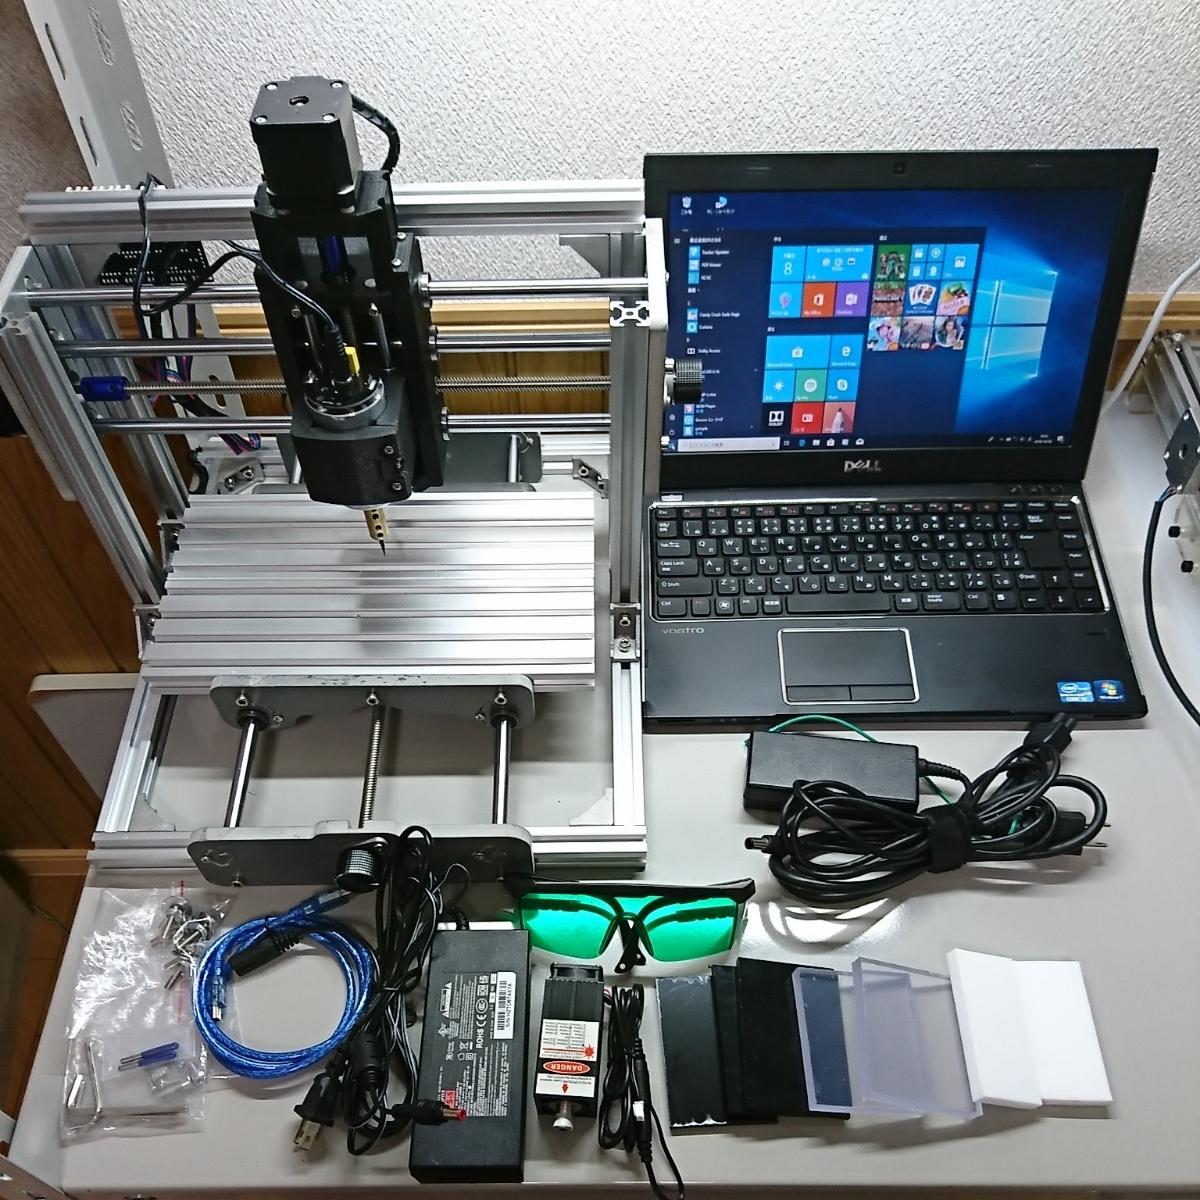 卓上CNCフライスとCAD/CAM内蔵ノートパソコンのセット。CNC2417切削+レーザー加工機。組